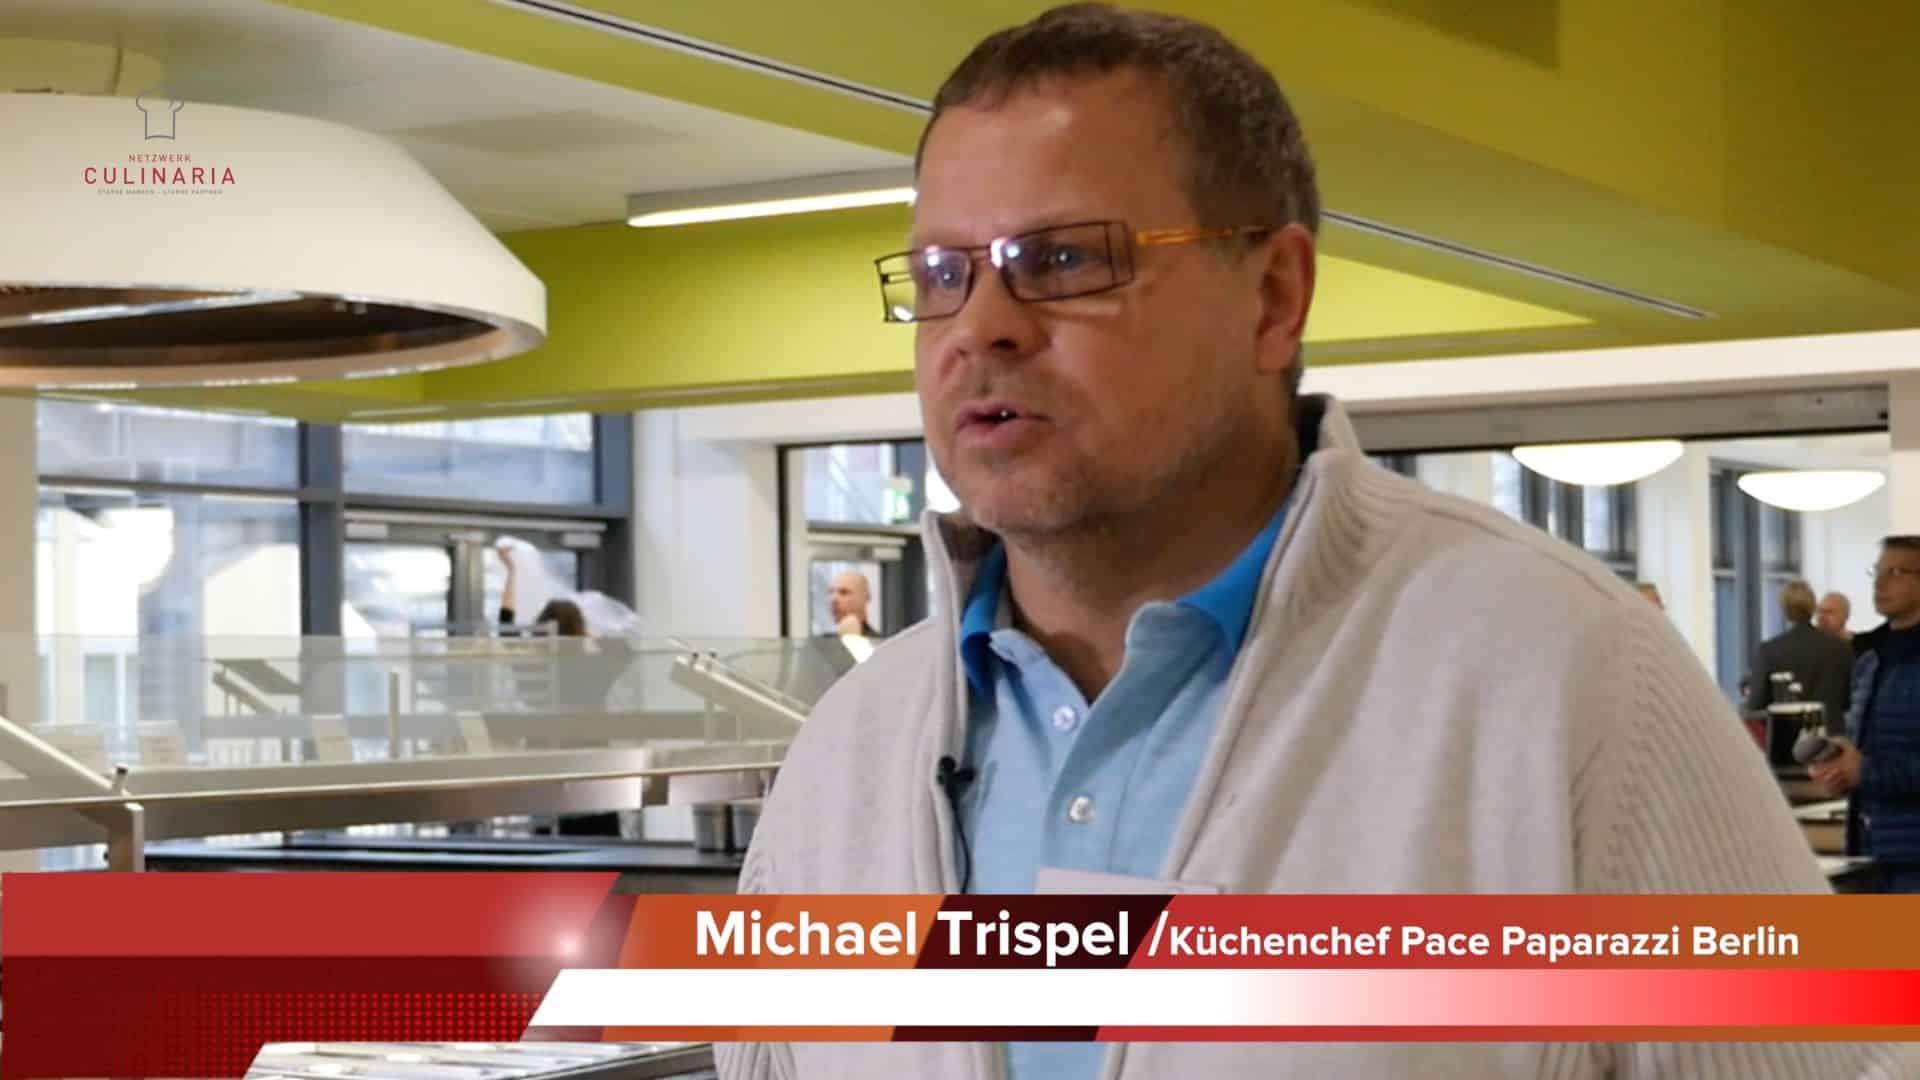 Video: Kritik an Koch-Ausbildung | Catering Management